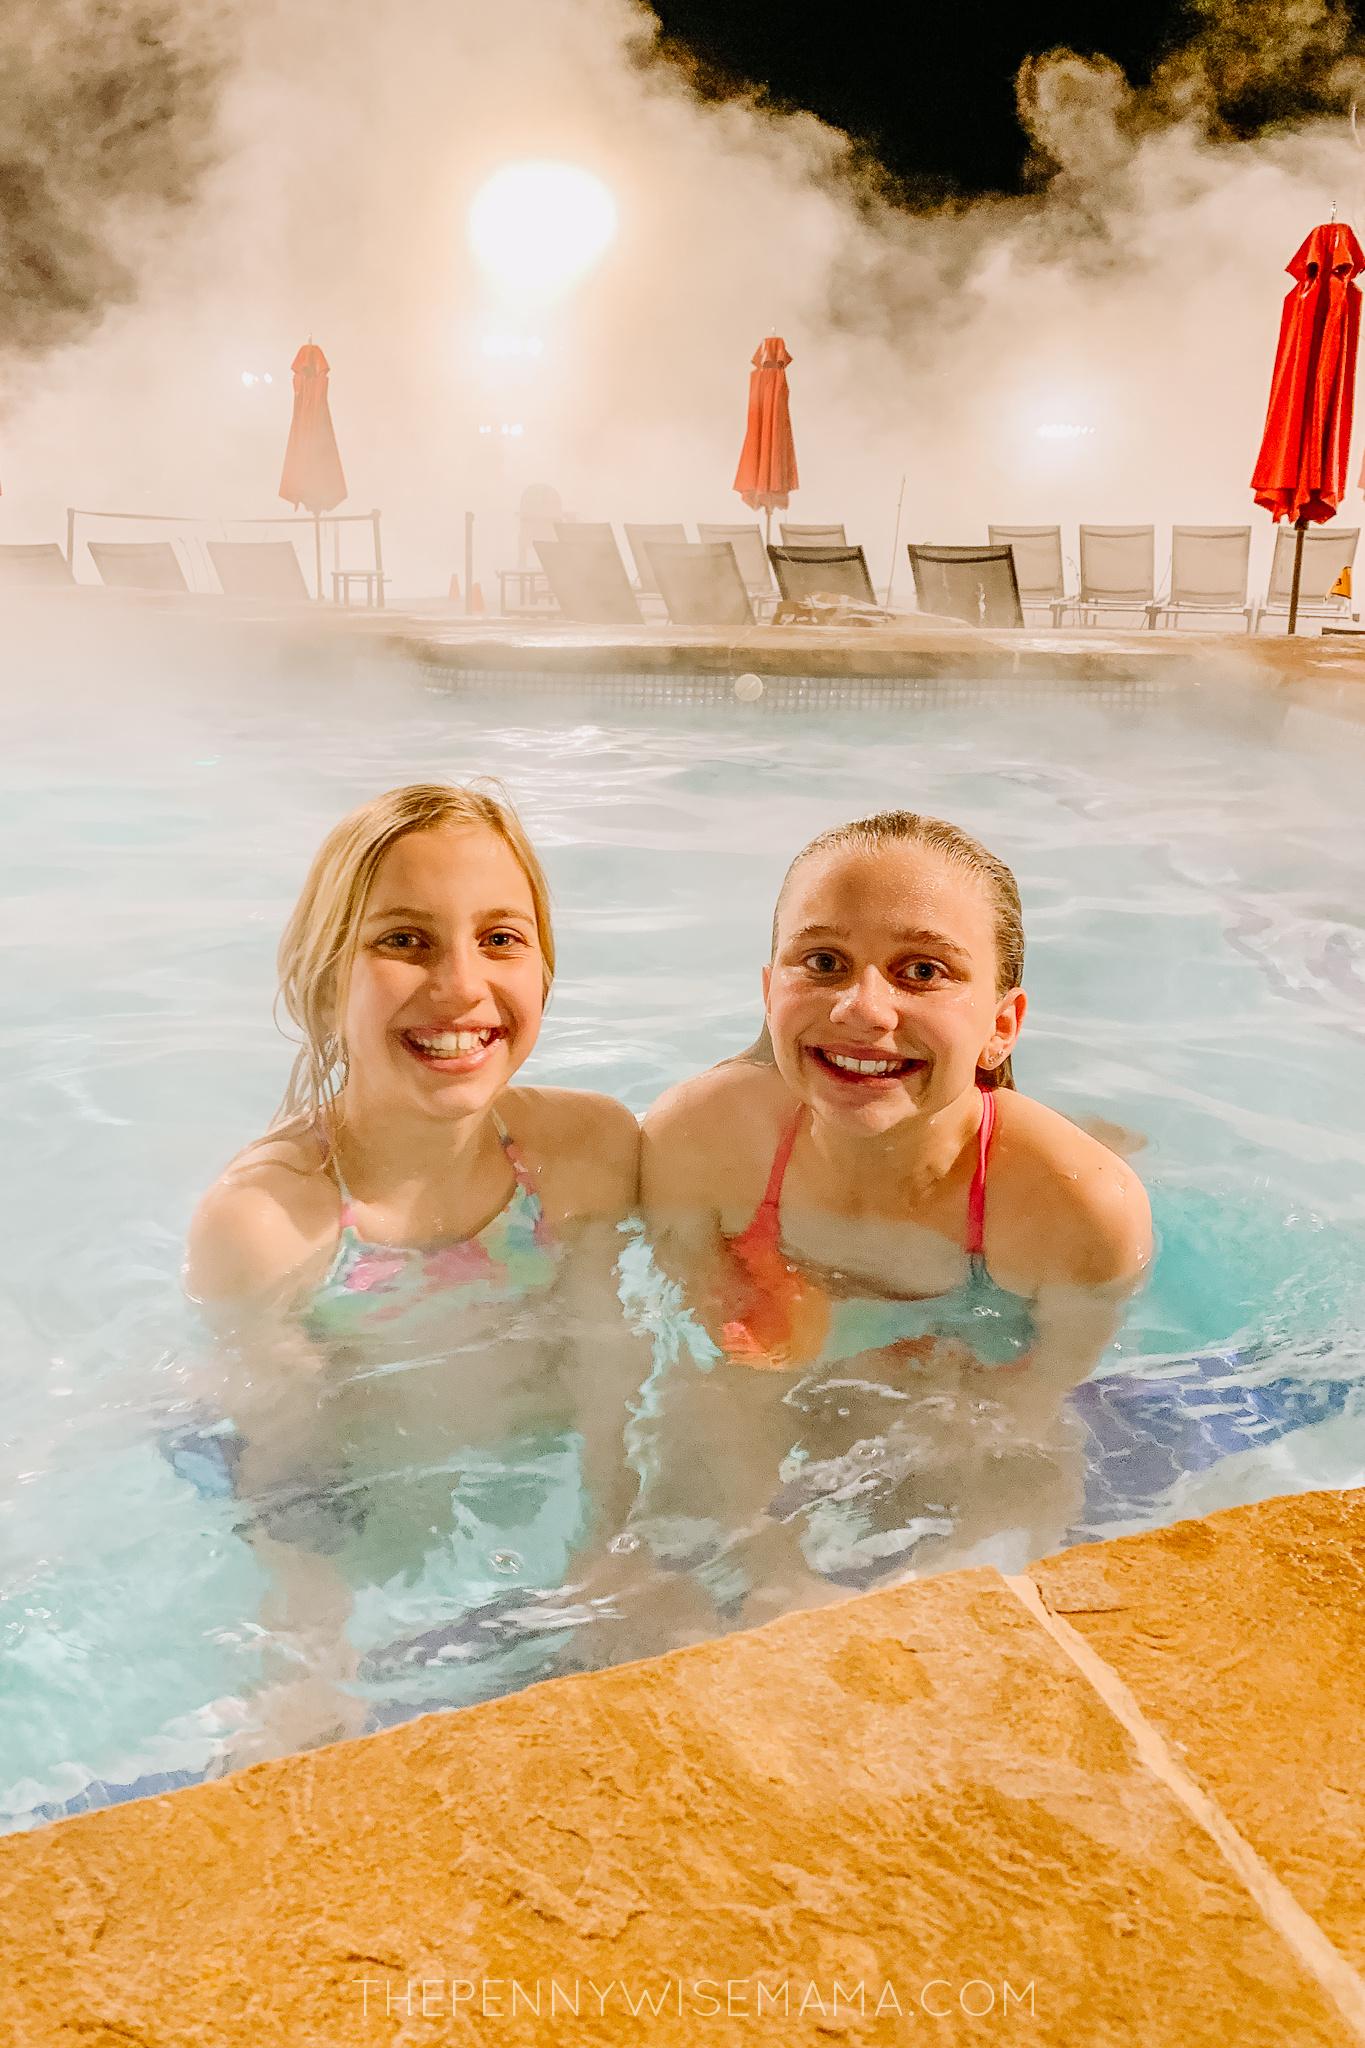 Outdoor hot tub at Gaylord Rockies Resort